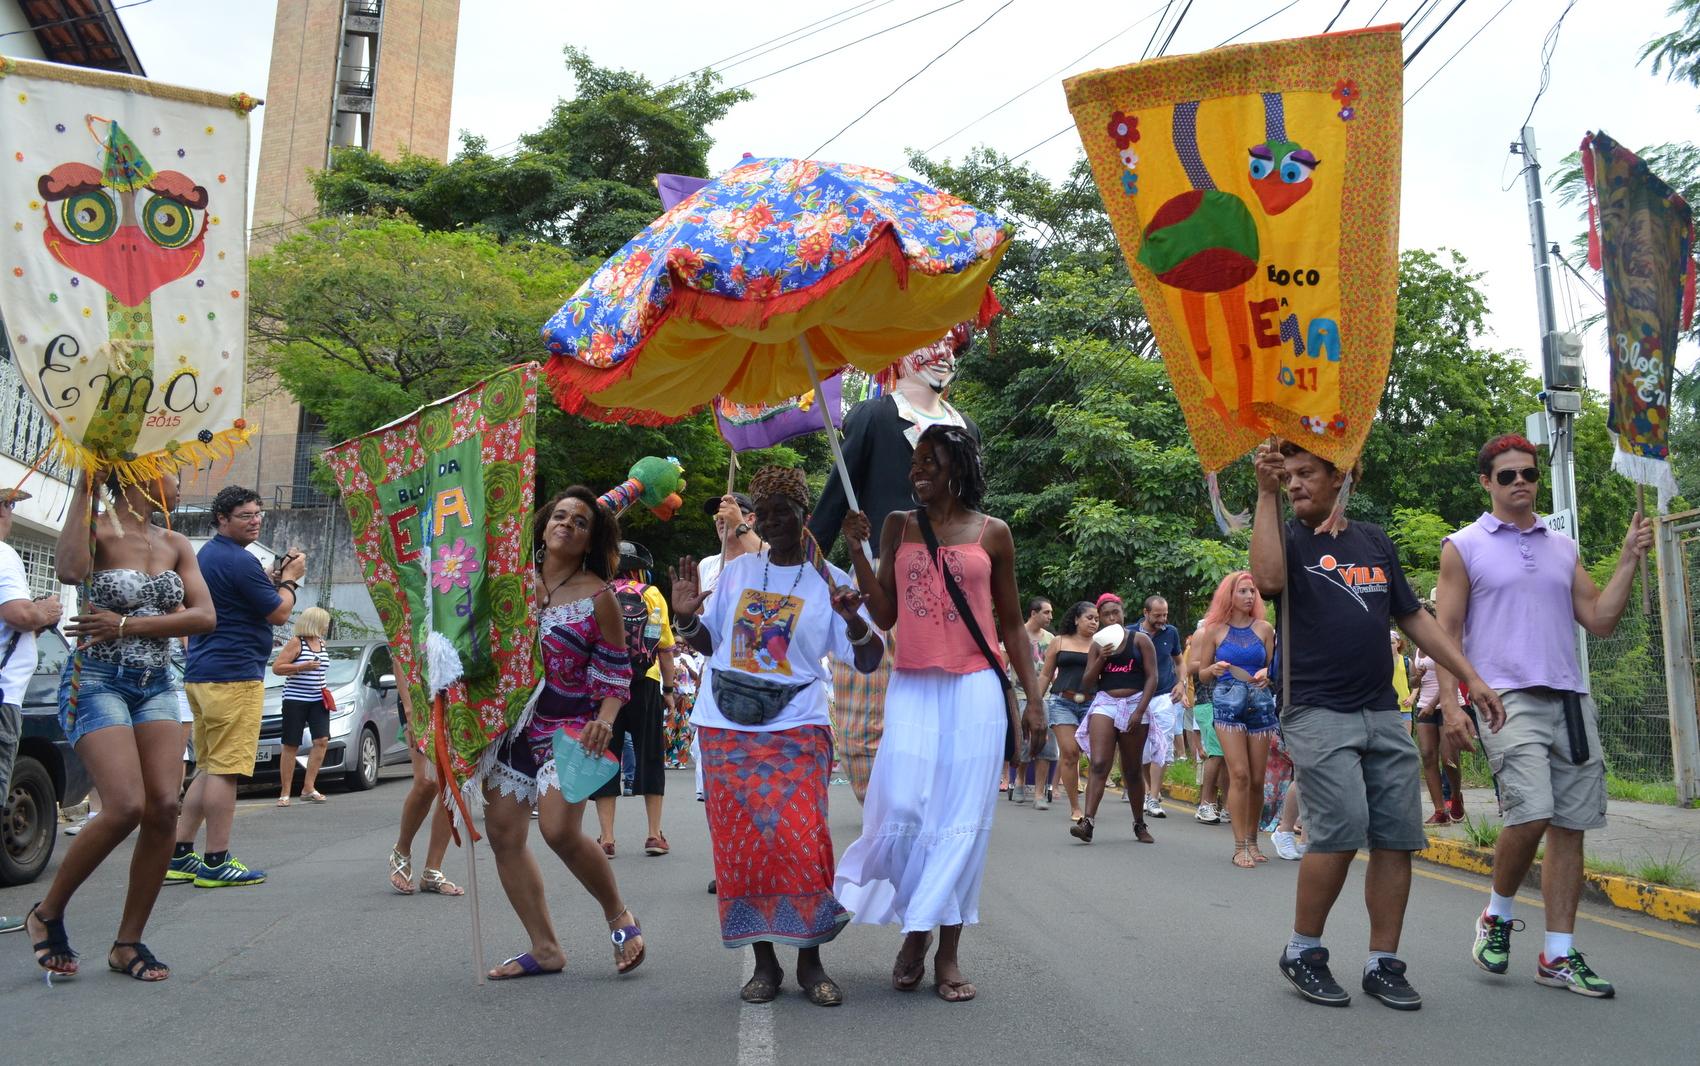 Centenas de foliões seguiram a tradicional descida do Bloco da Ema até o Casarão do Turismo